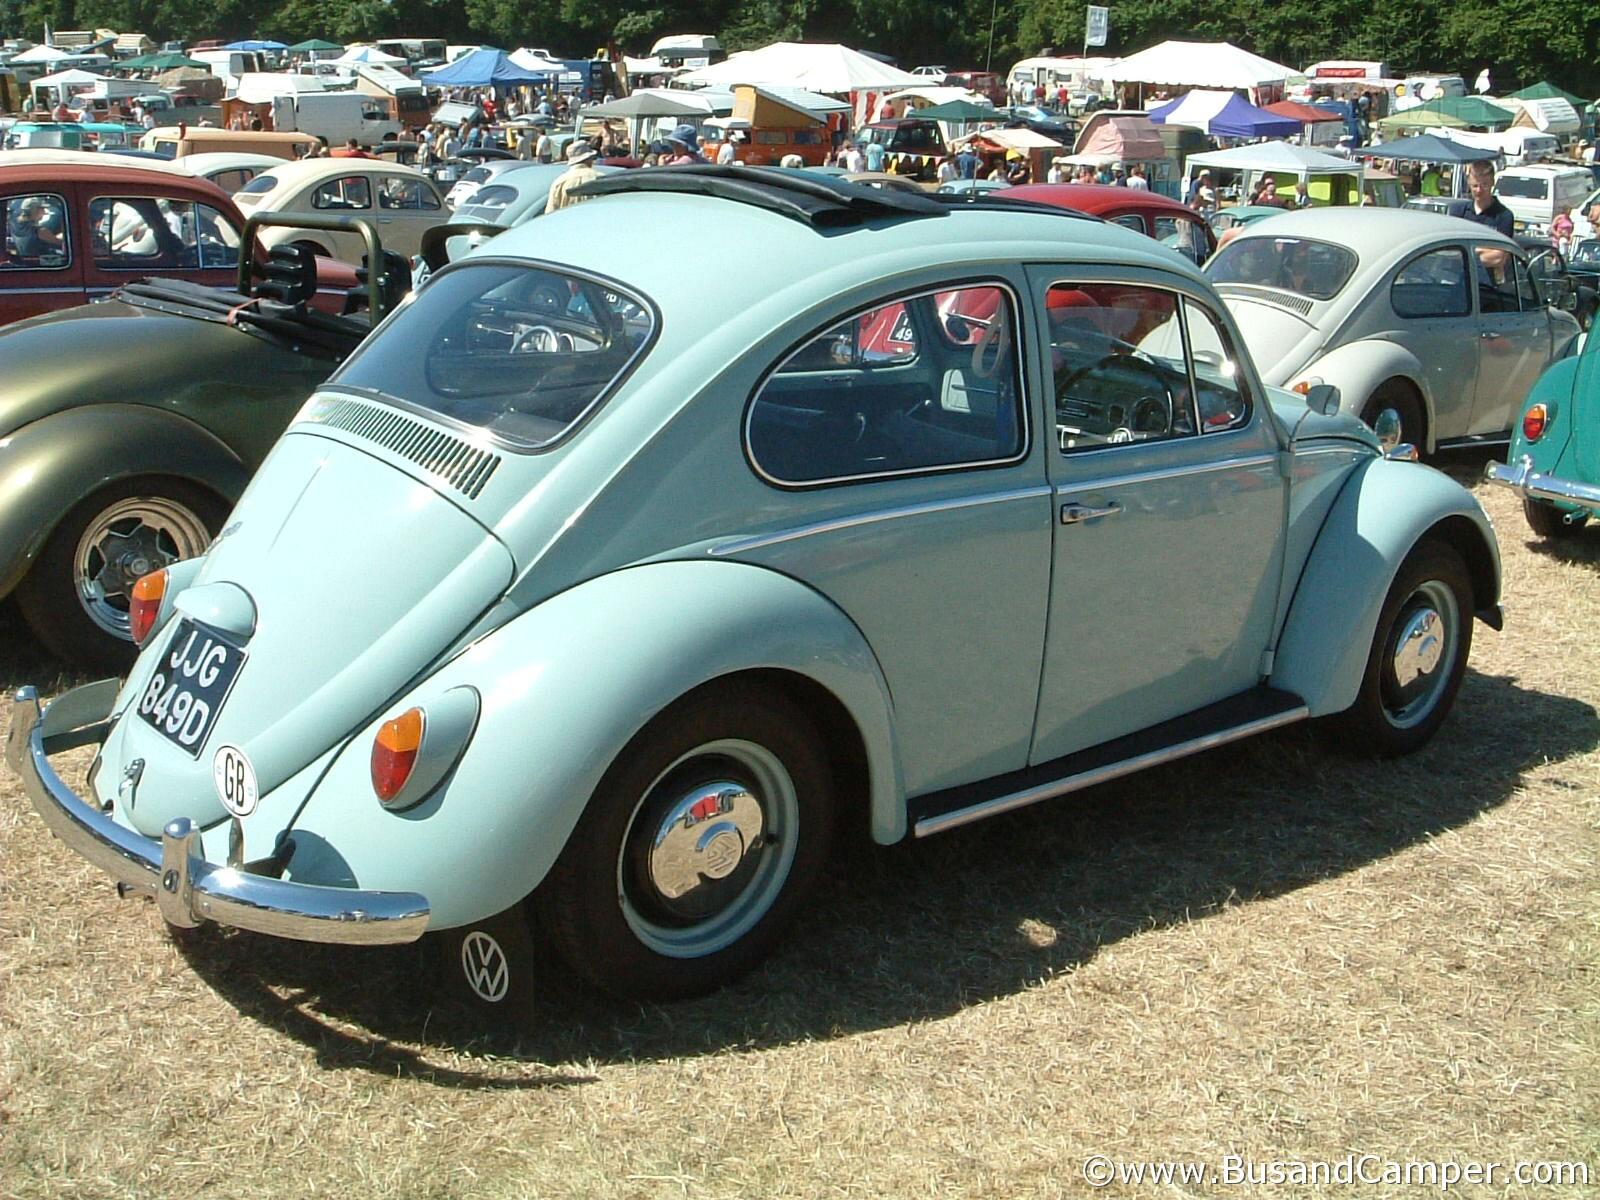 Light Blue Beetle